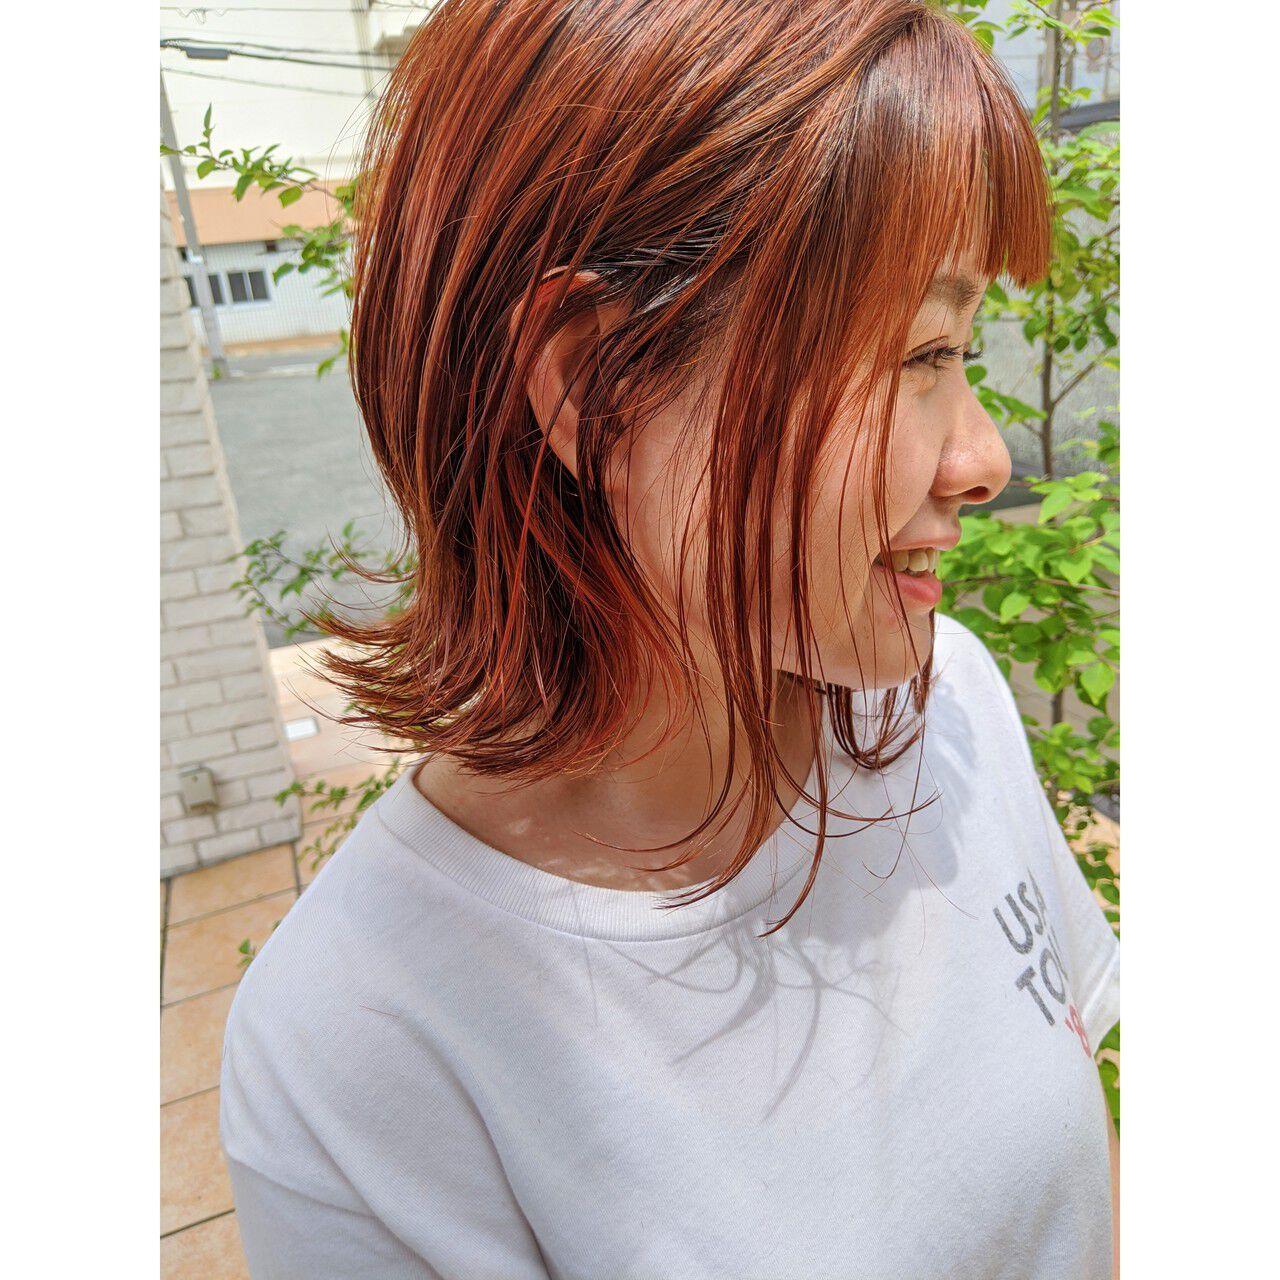 ミニボブ ナチュラル インナーカラー ショートボブヘアスタイルや髪型の写真・画像